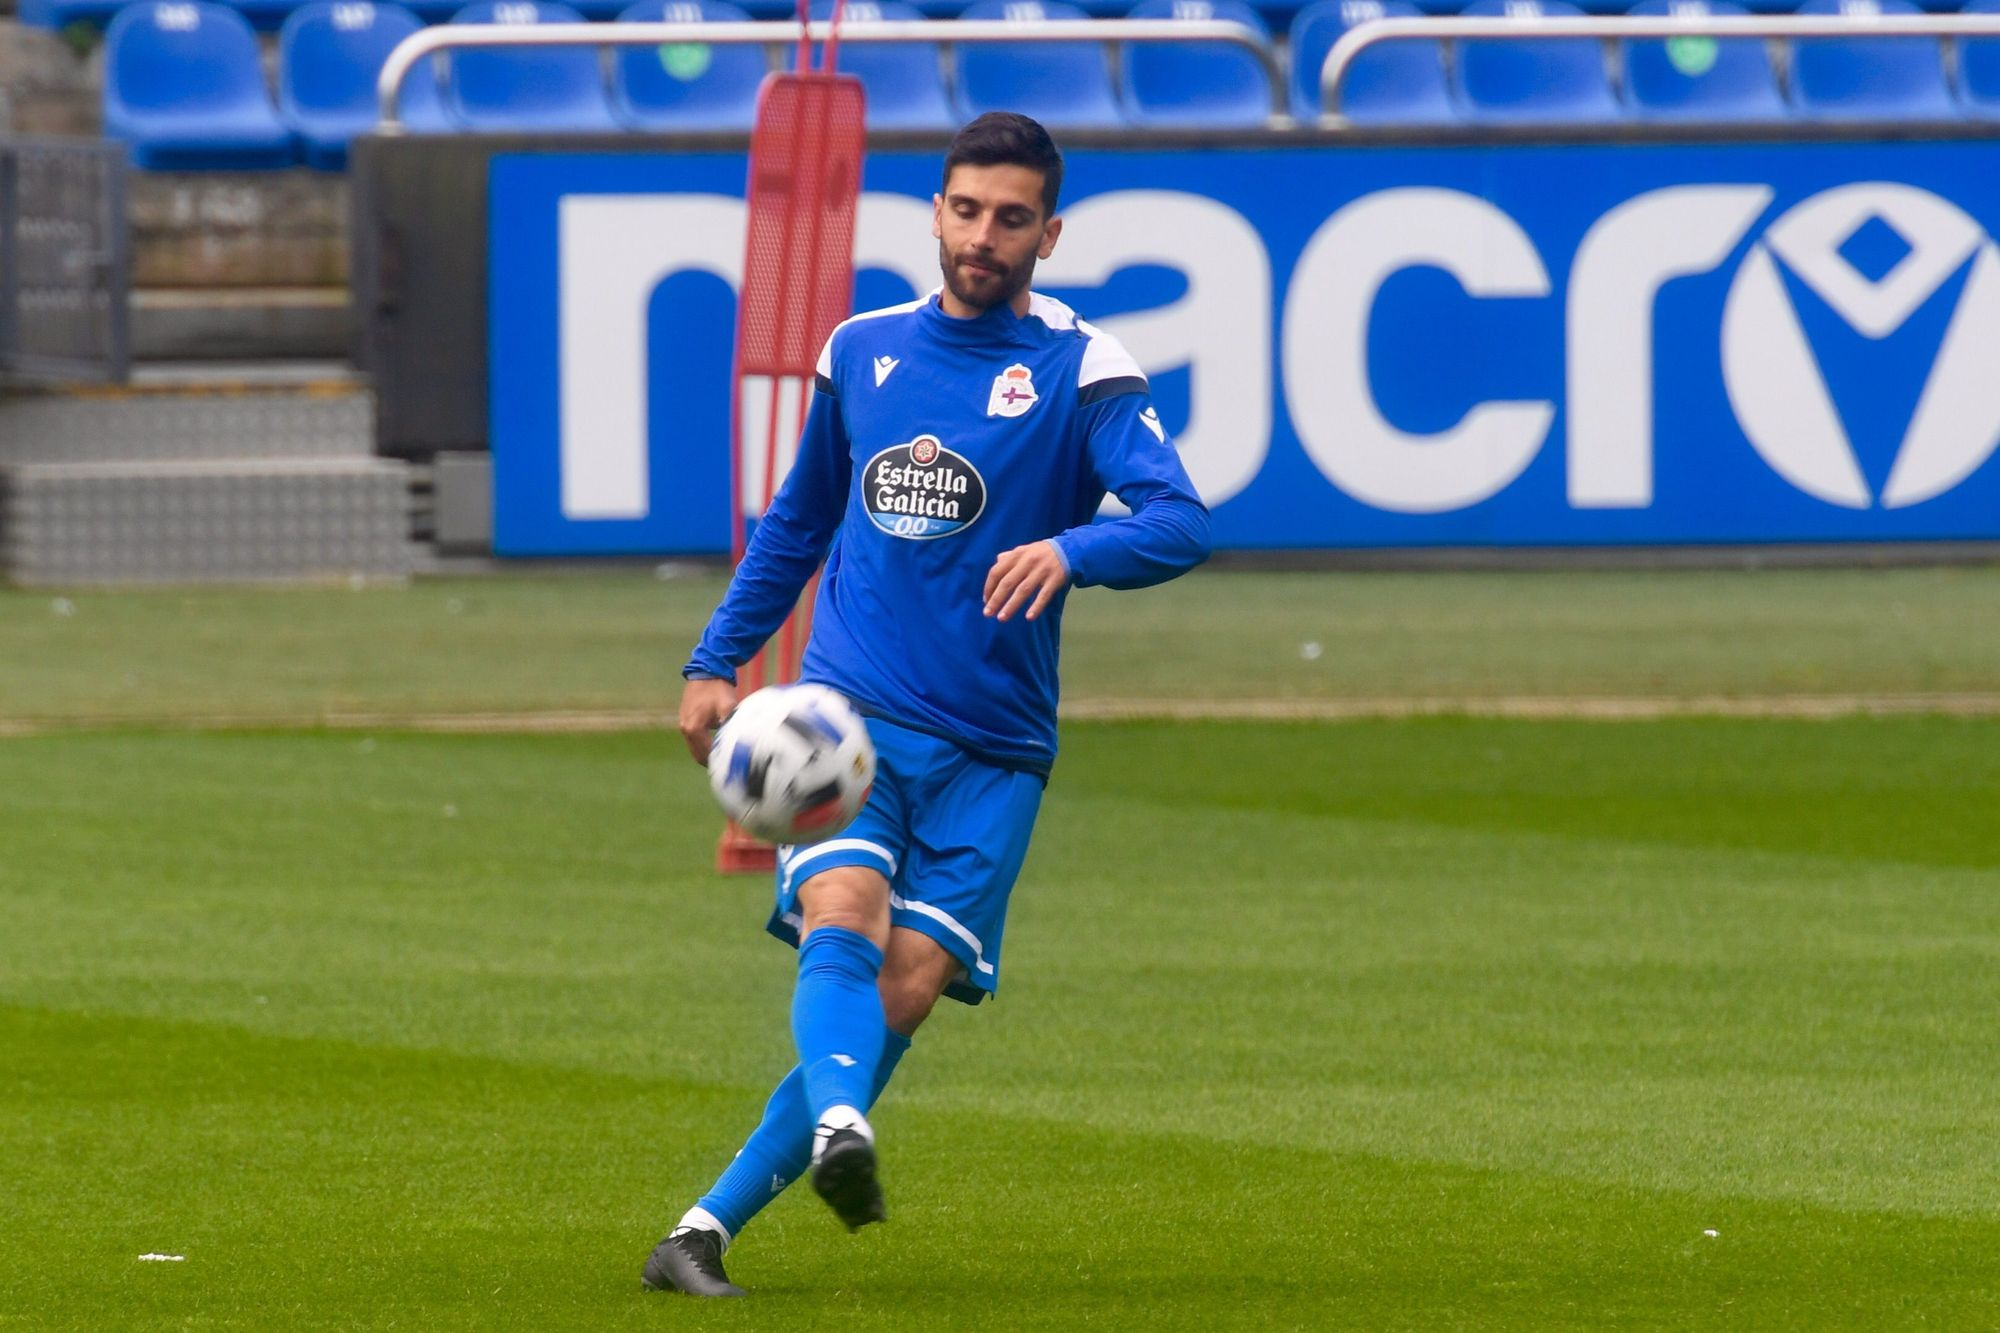 El Dépor prepara en Riazor el partido frente al Numancia en Soria